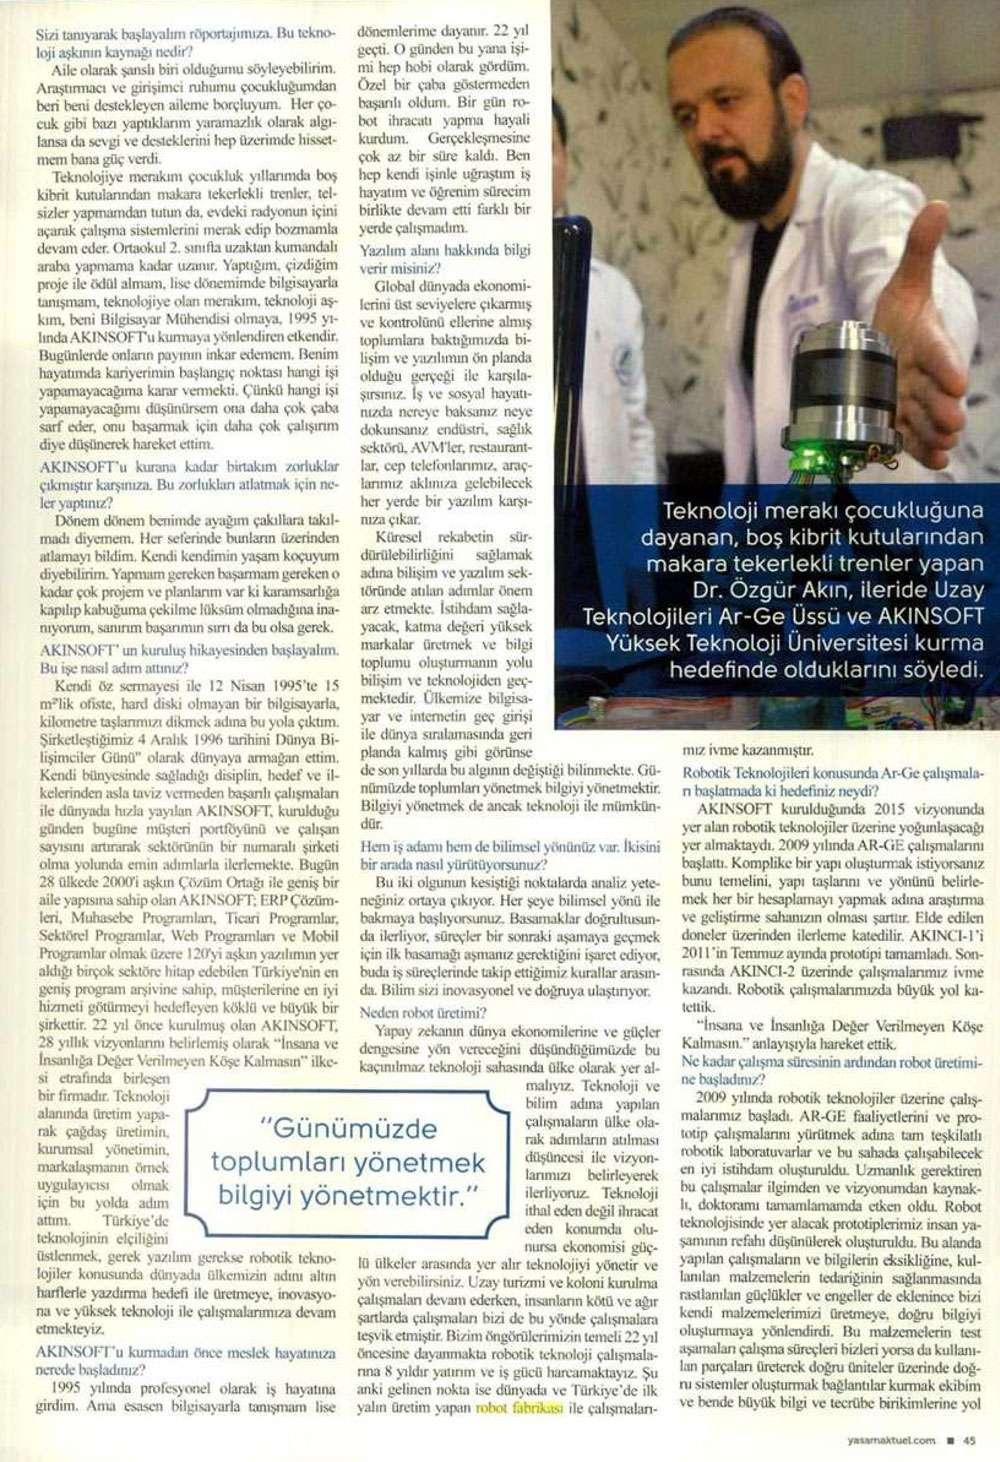 Dr Özgür AKINın Aktüel Dergisinde yayınlanan  Yapay Zeka Dünyaya Yön Verecek konulu röportaj çalışması - 3